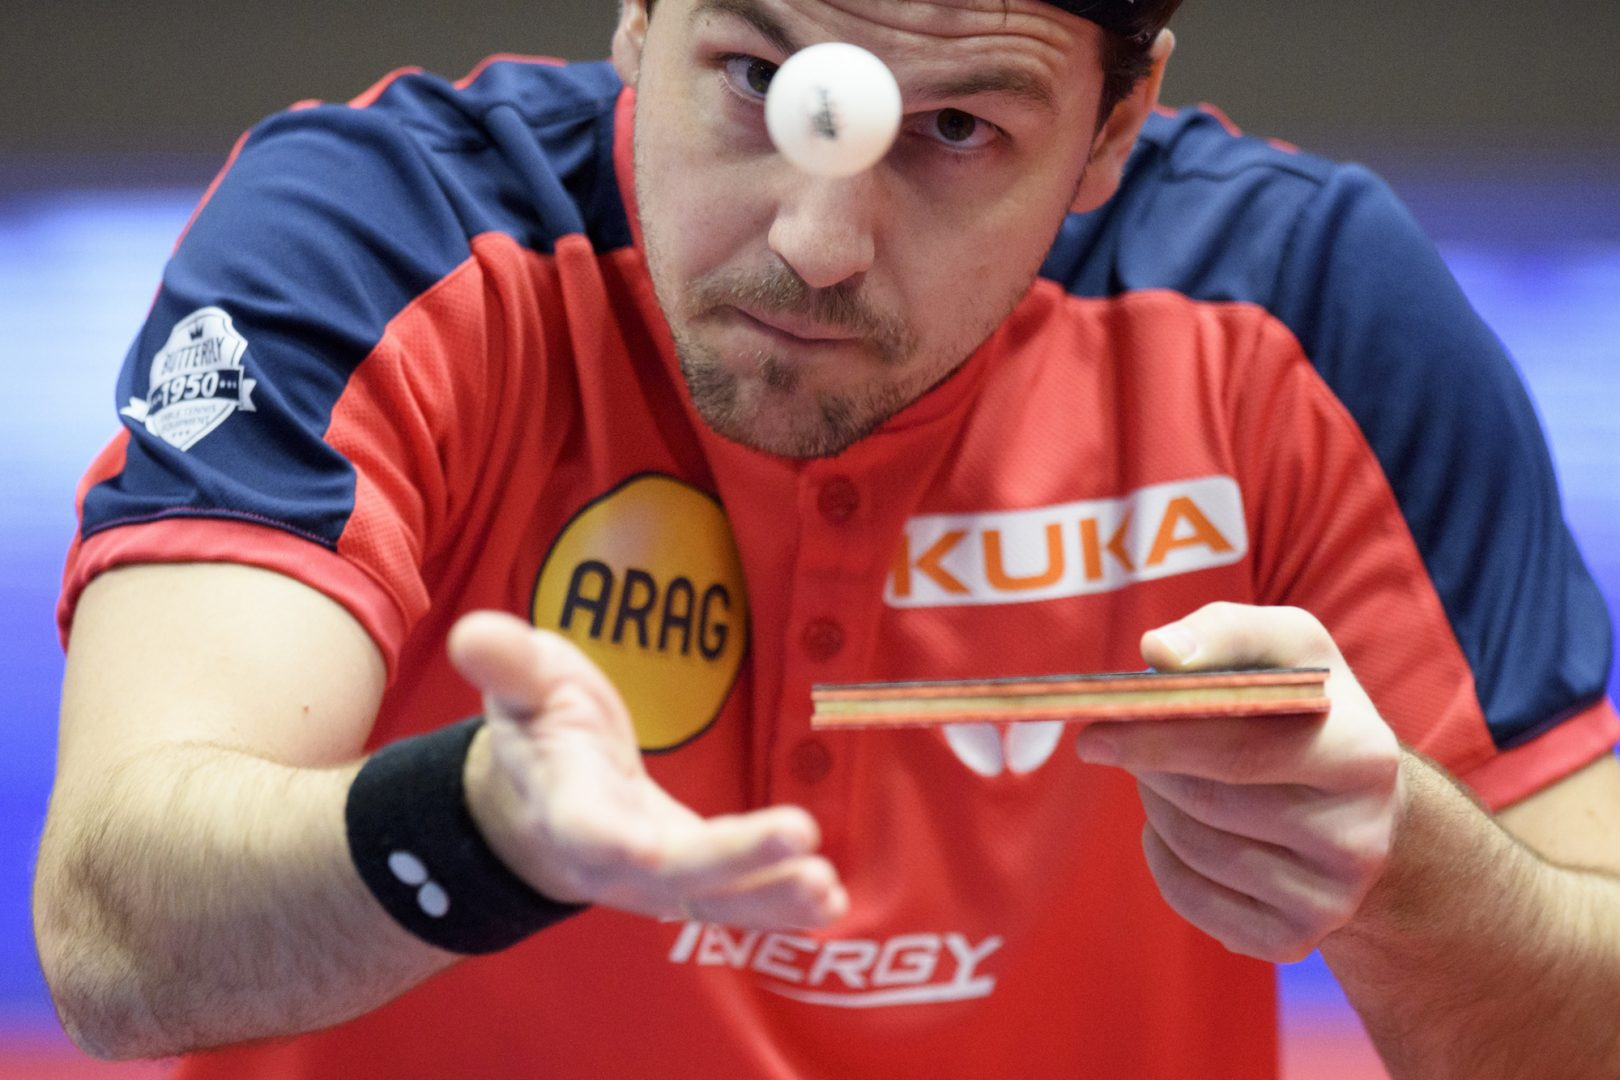 36歳ボルが世界ランク1位に返り咲きの理由とは?|卓球世界ランキング男子(3月最新発表)